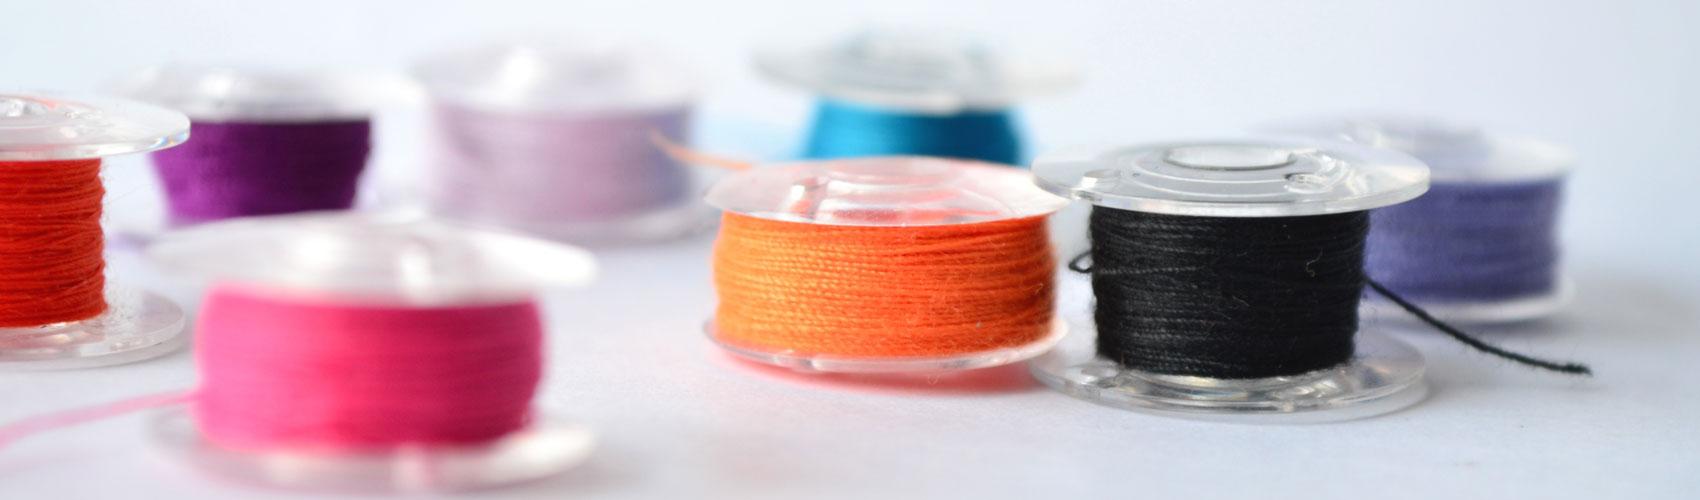 threads-166858